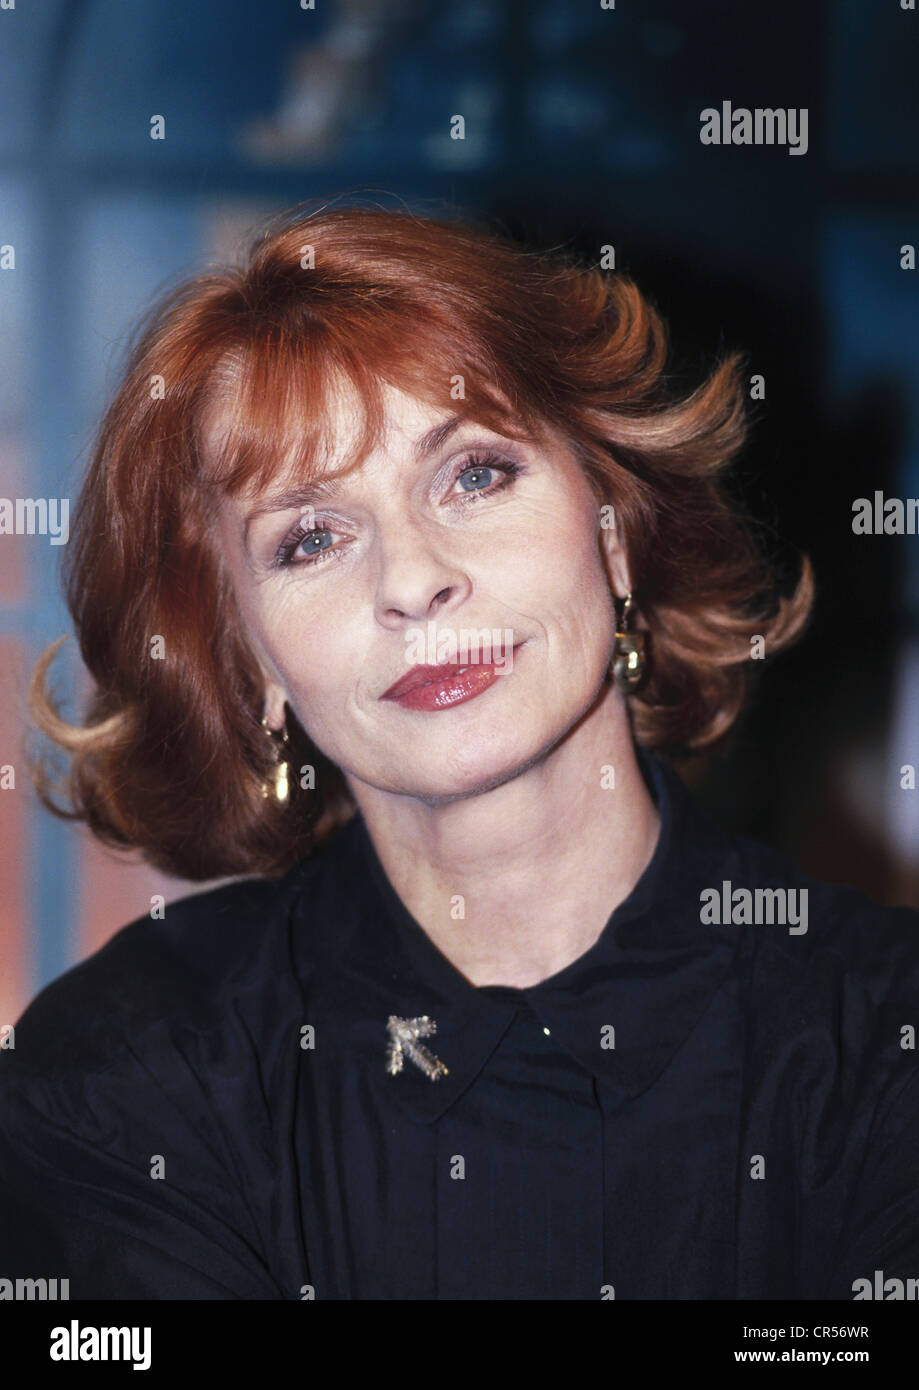 Berger, Senta, * 13.5.1941, actriz austriaca, retrato, 1992, , Foto de stock